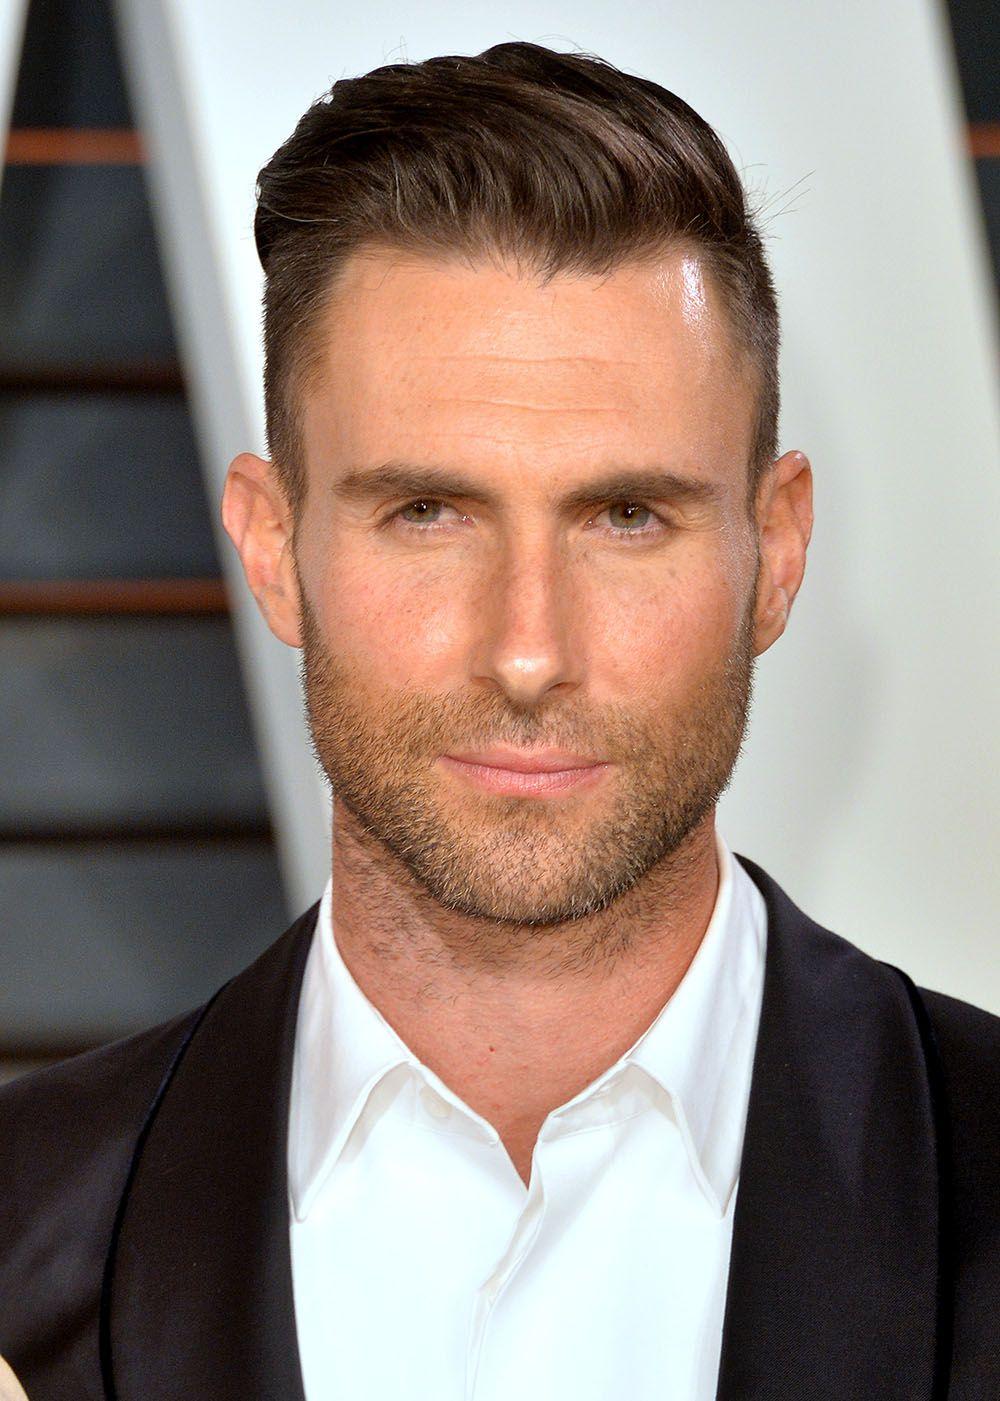 Adam Levine S Changing Looks Adam Levine Hair Adam Levine Haircut Adam Levine